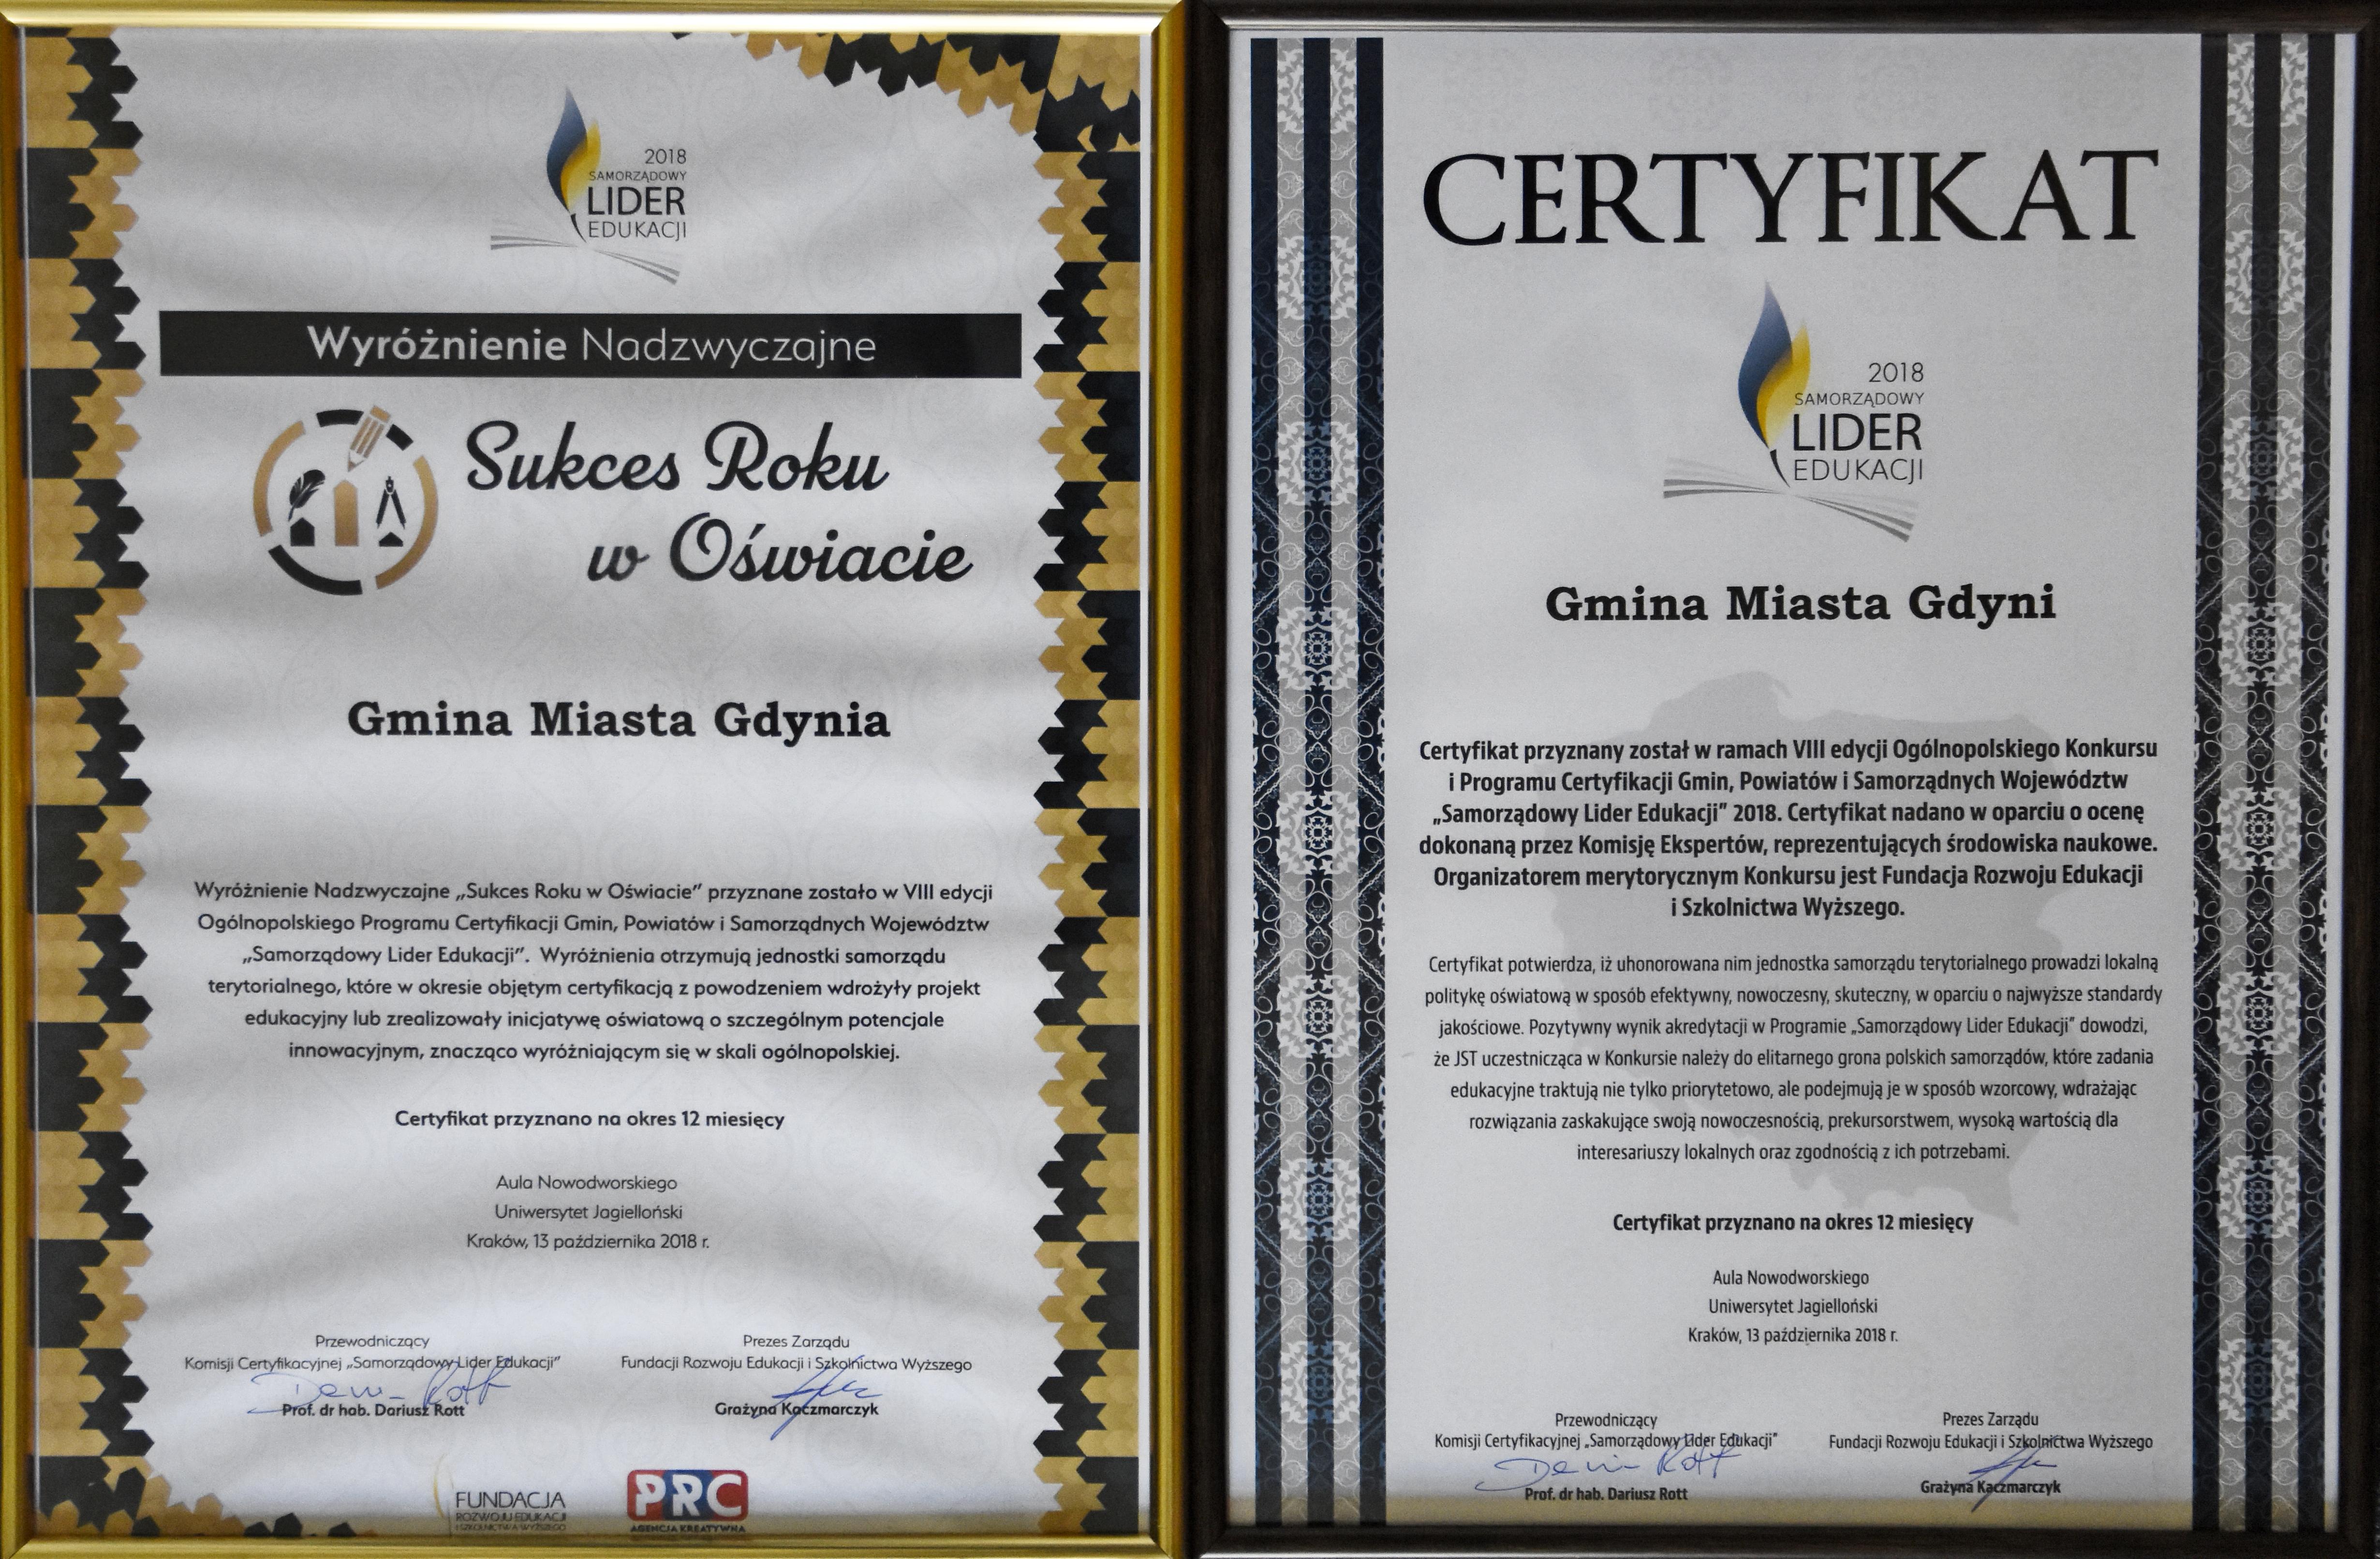 Certyfikaty Gdynia - Samorządowy Lider Edukacji, fot. Michał Kowalski